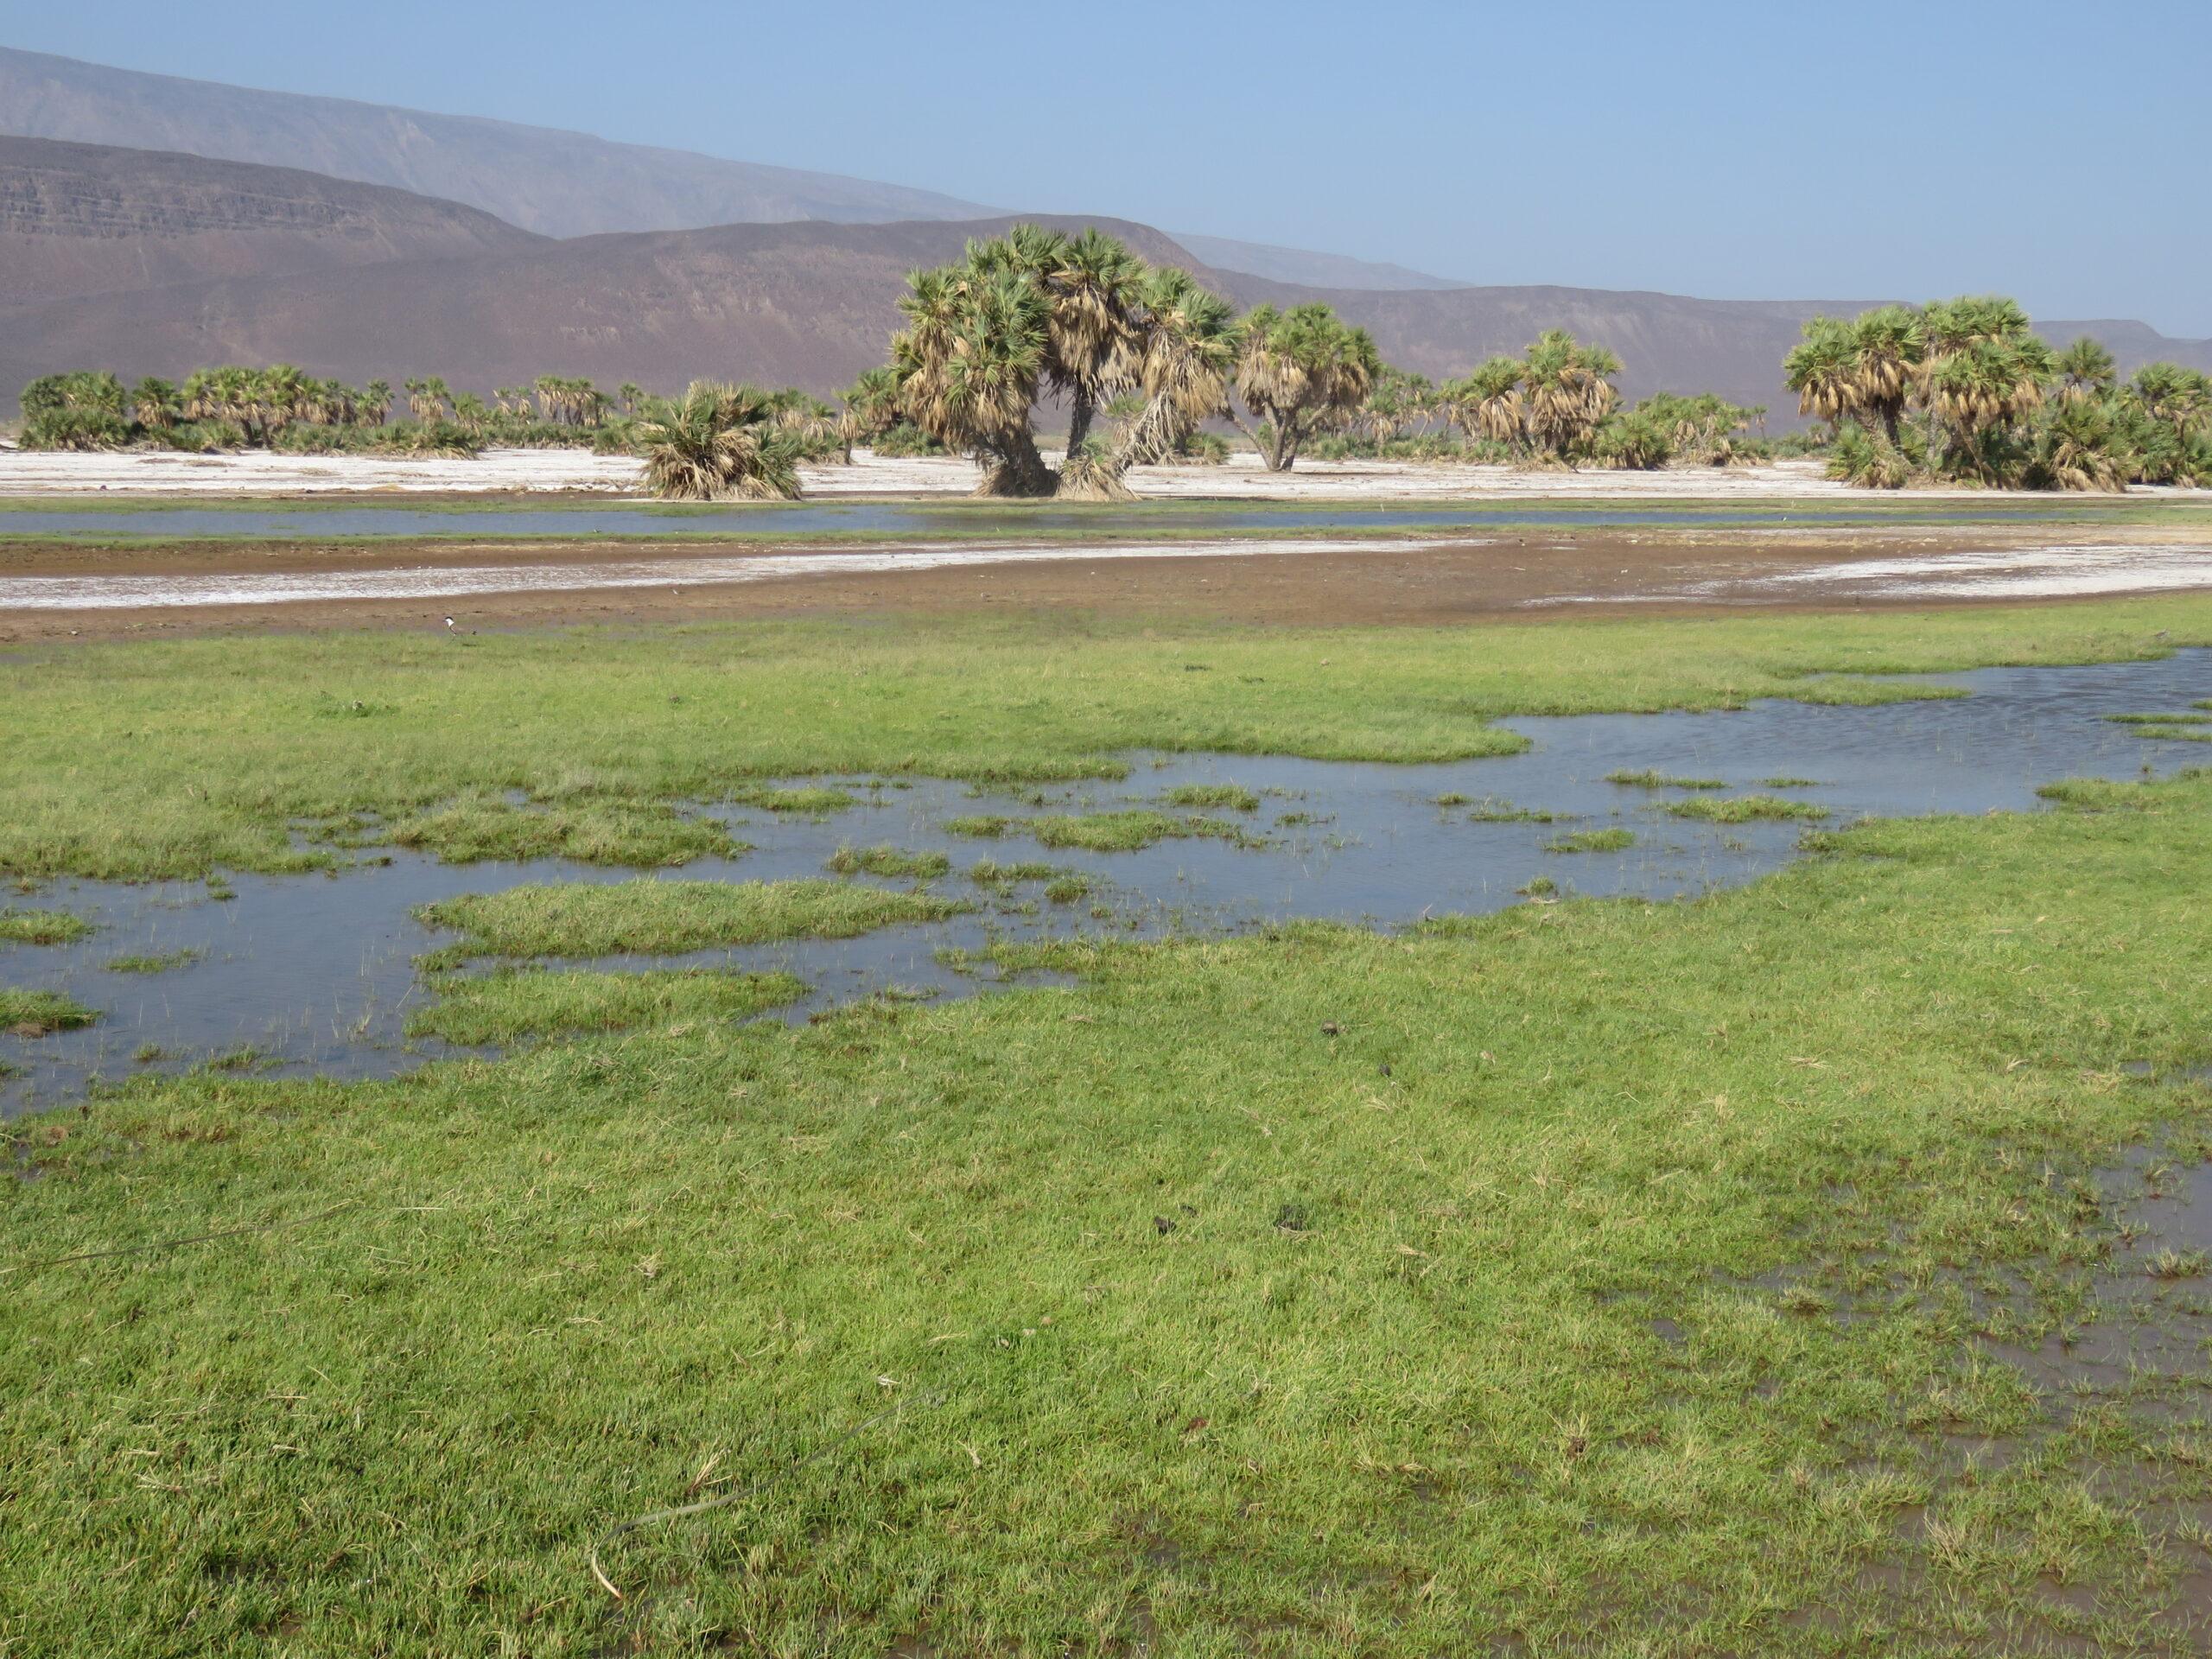 Wasser und Vegetation von Allols